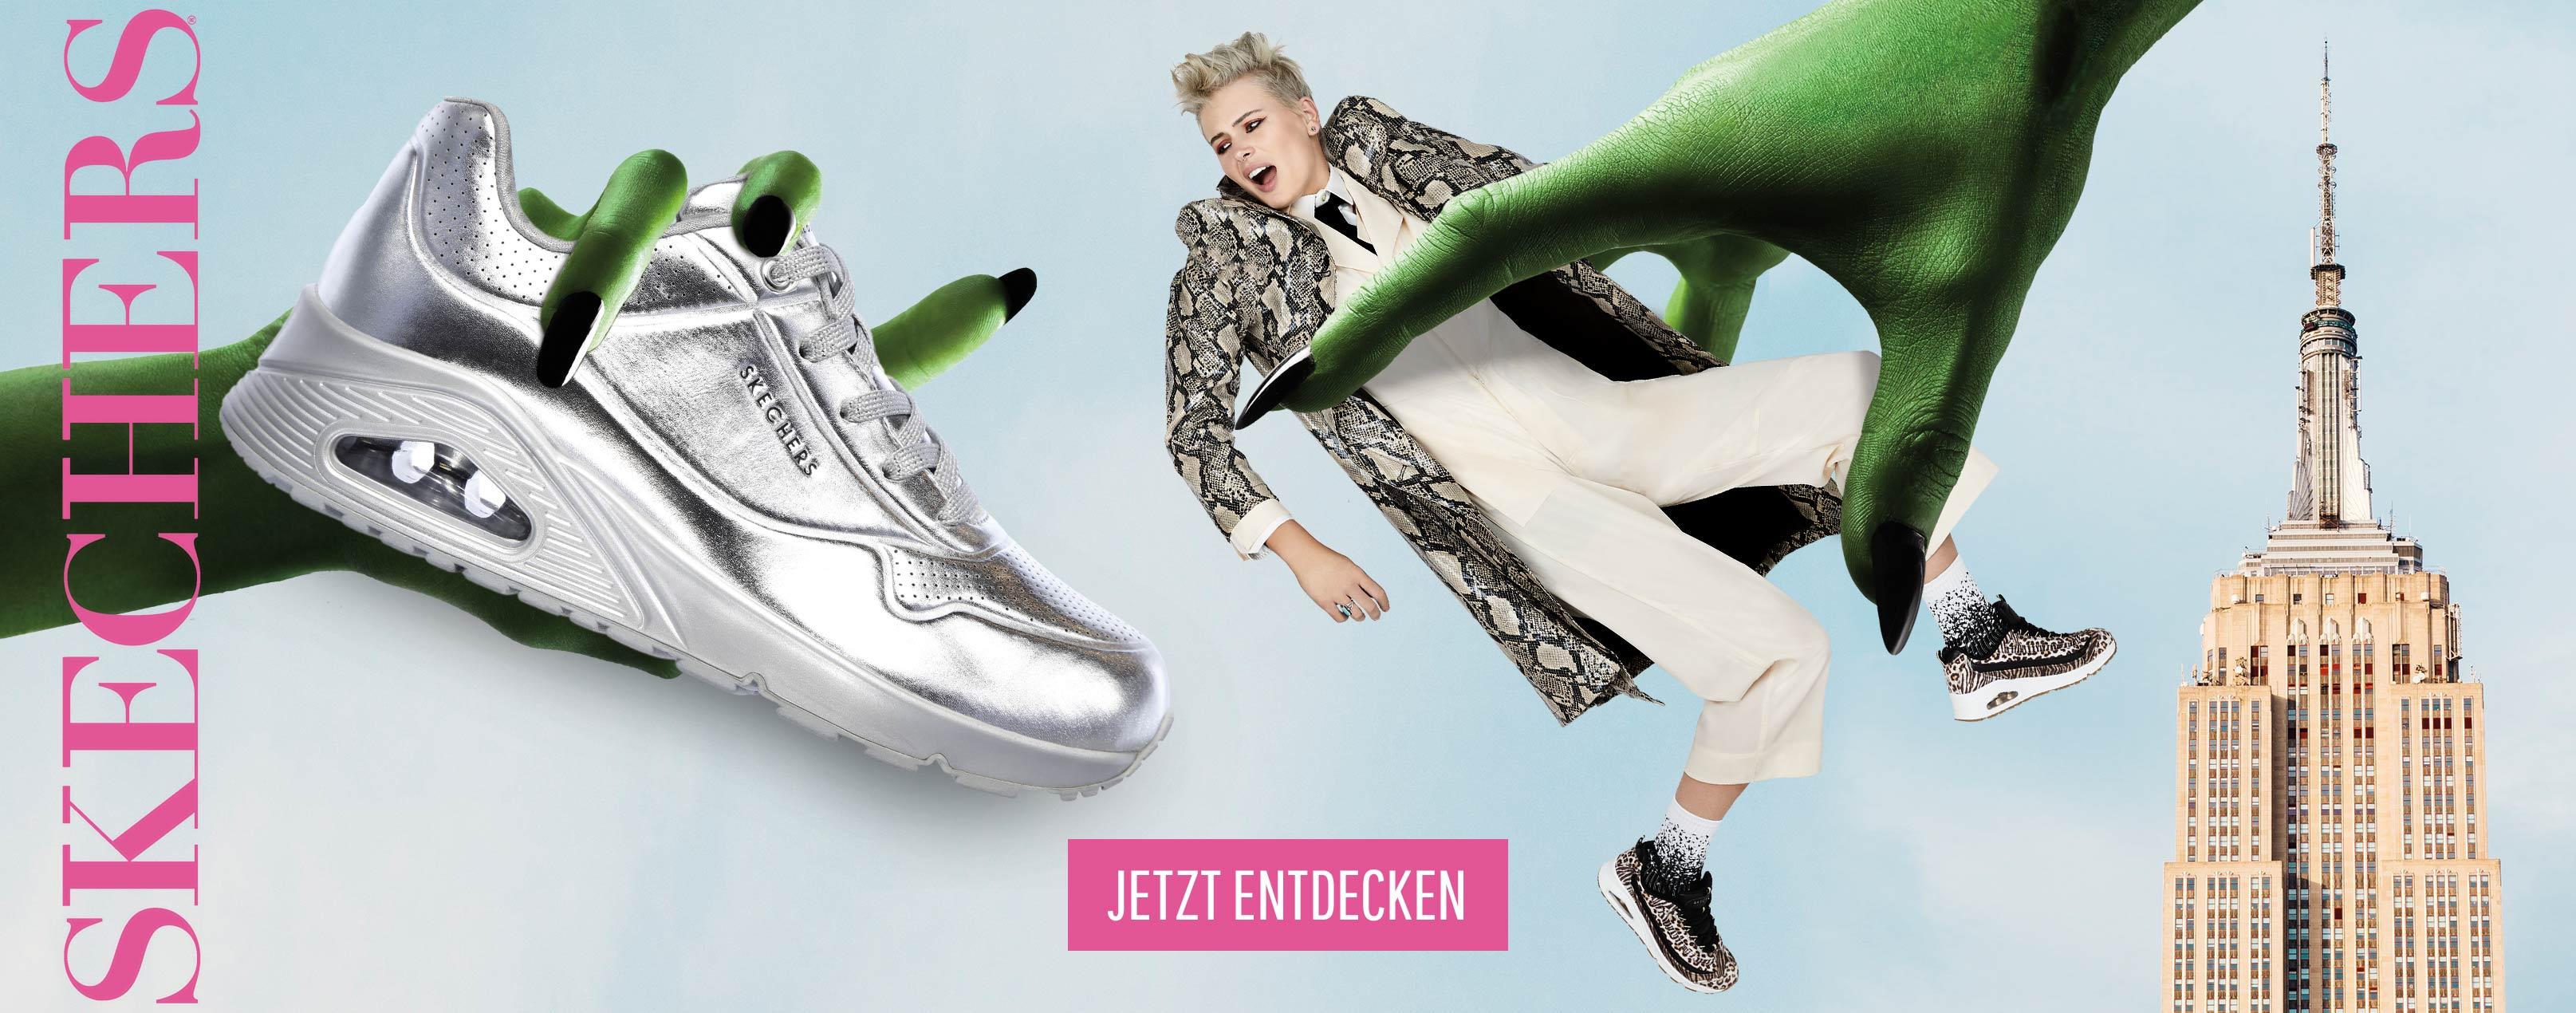 SKECHERS offizielle Website | Schuhe, Bekleidung